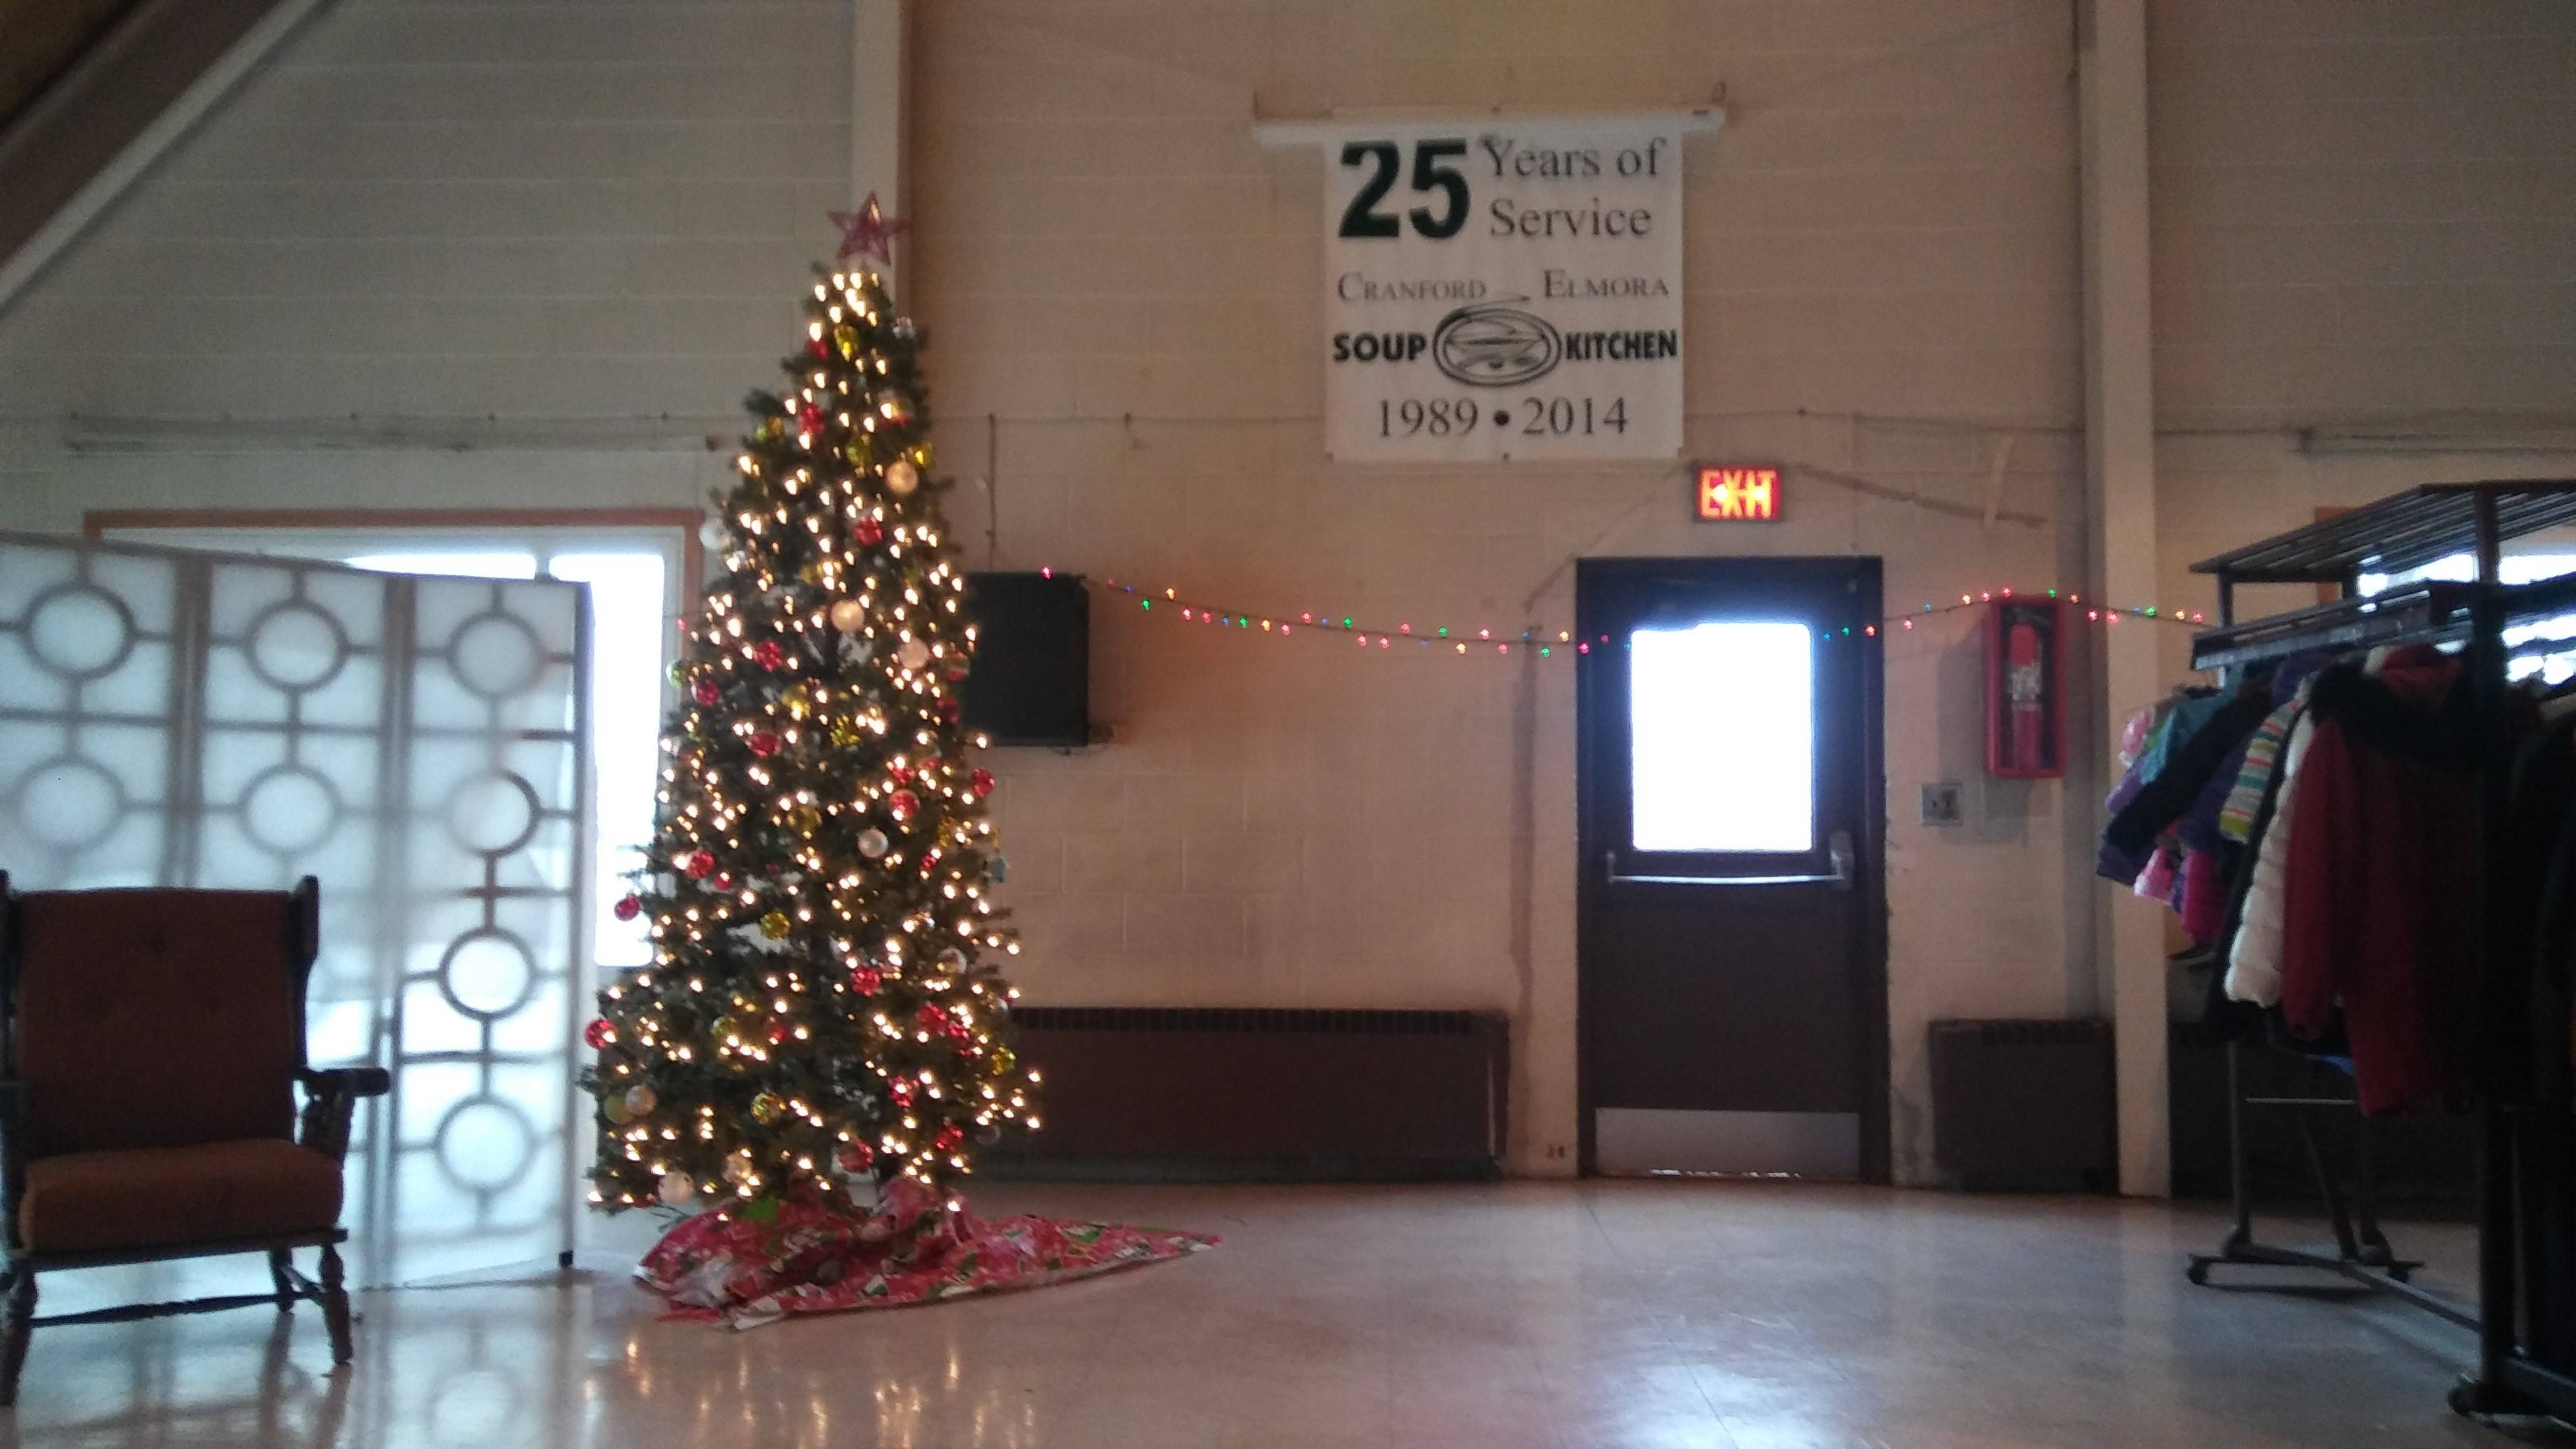 992879483cf65a116e1a_A_Christmas_tree_lights_the_corner_of_the_hall.jpg